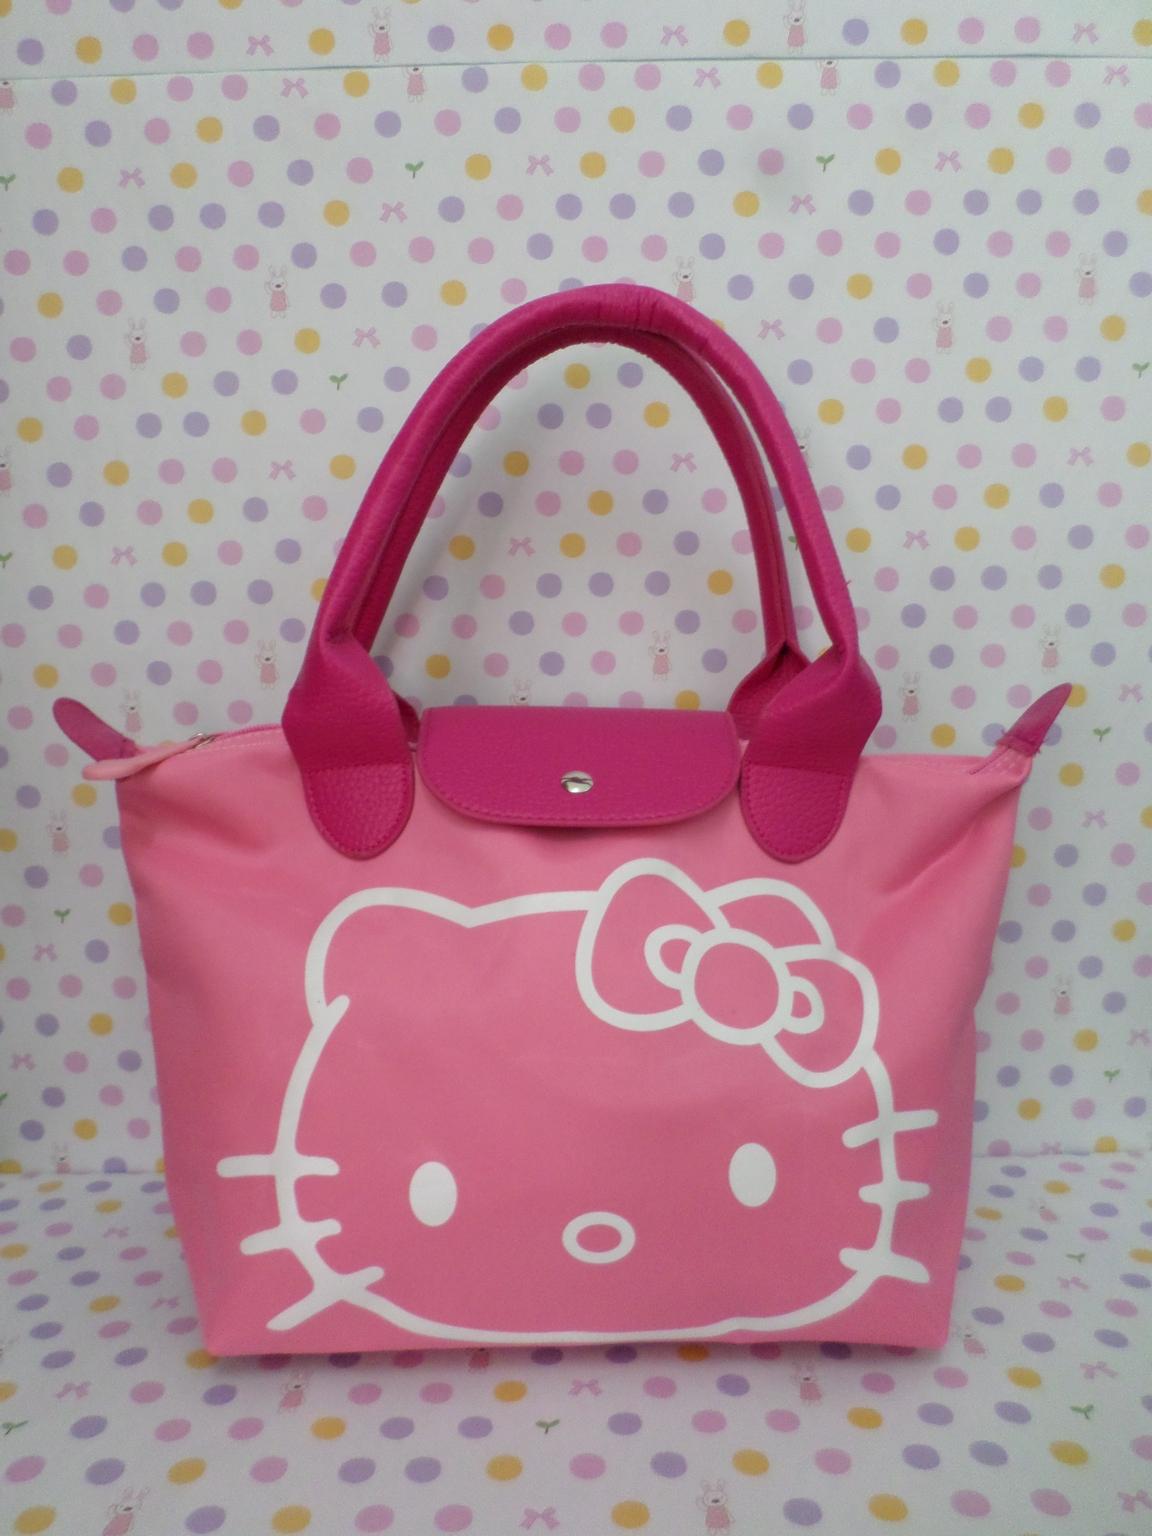 กระเป๋าถือหูหิ้ว ฮัลโหลคิตตี้ Hello kitty#2 ทรง LC ขนาด กว้าง 14 ซม. * ยาว 35 ซม. * สูง 22 ซม. สีชมพู ลายหน้าคิตตี้โบว์